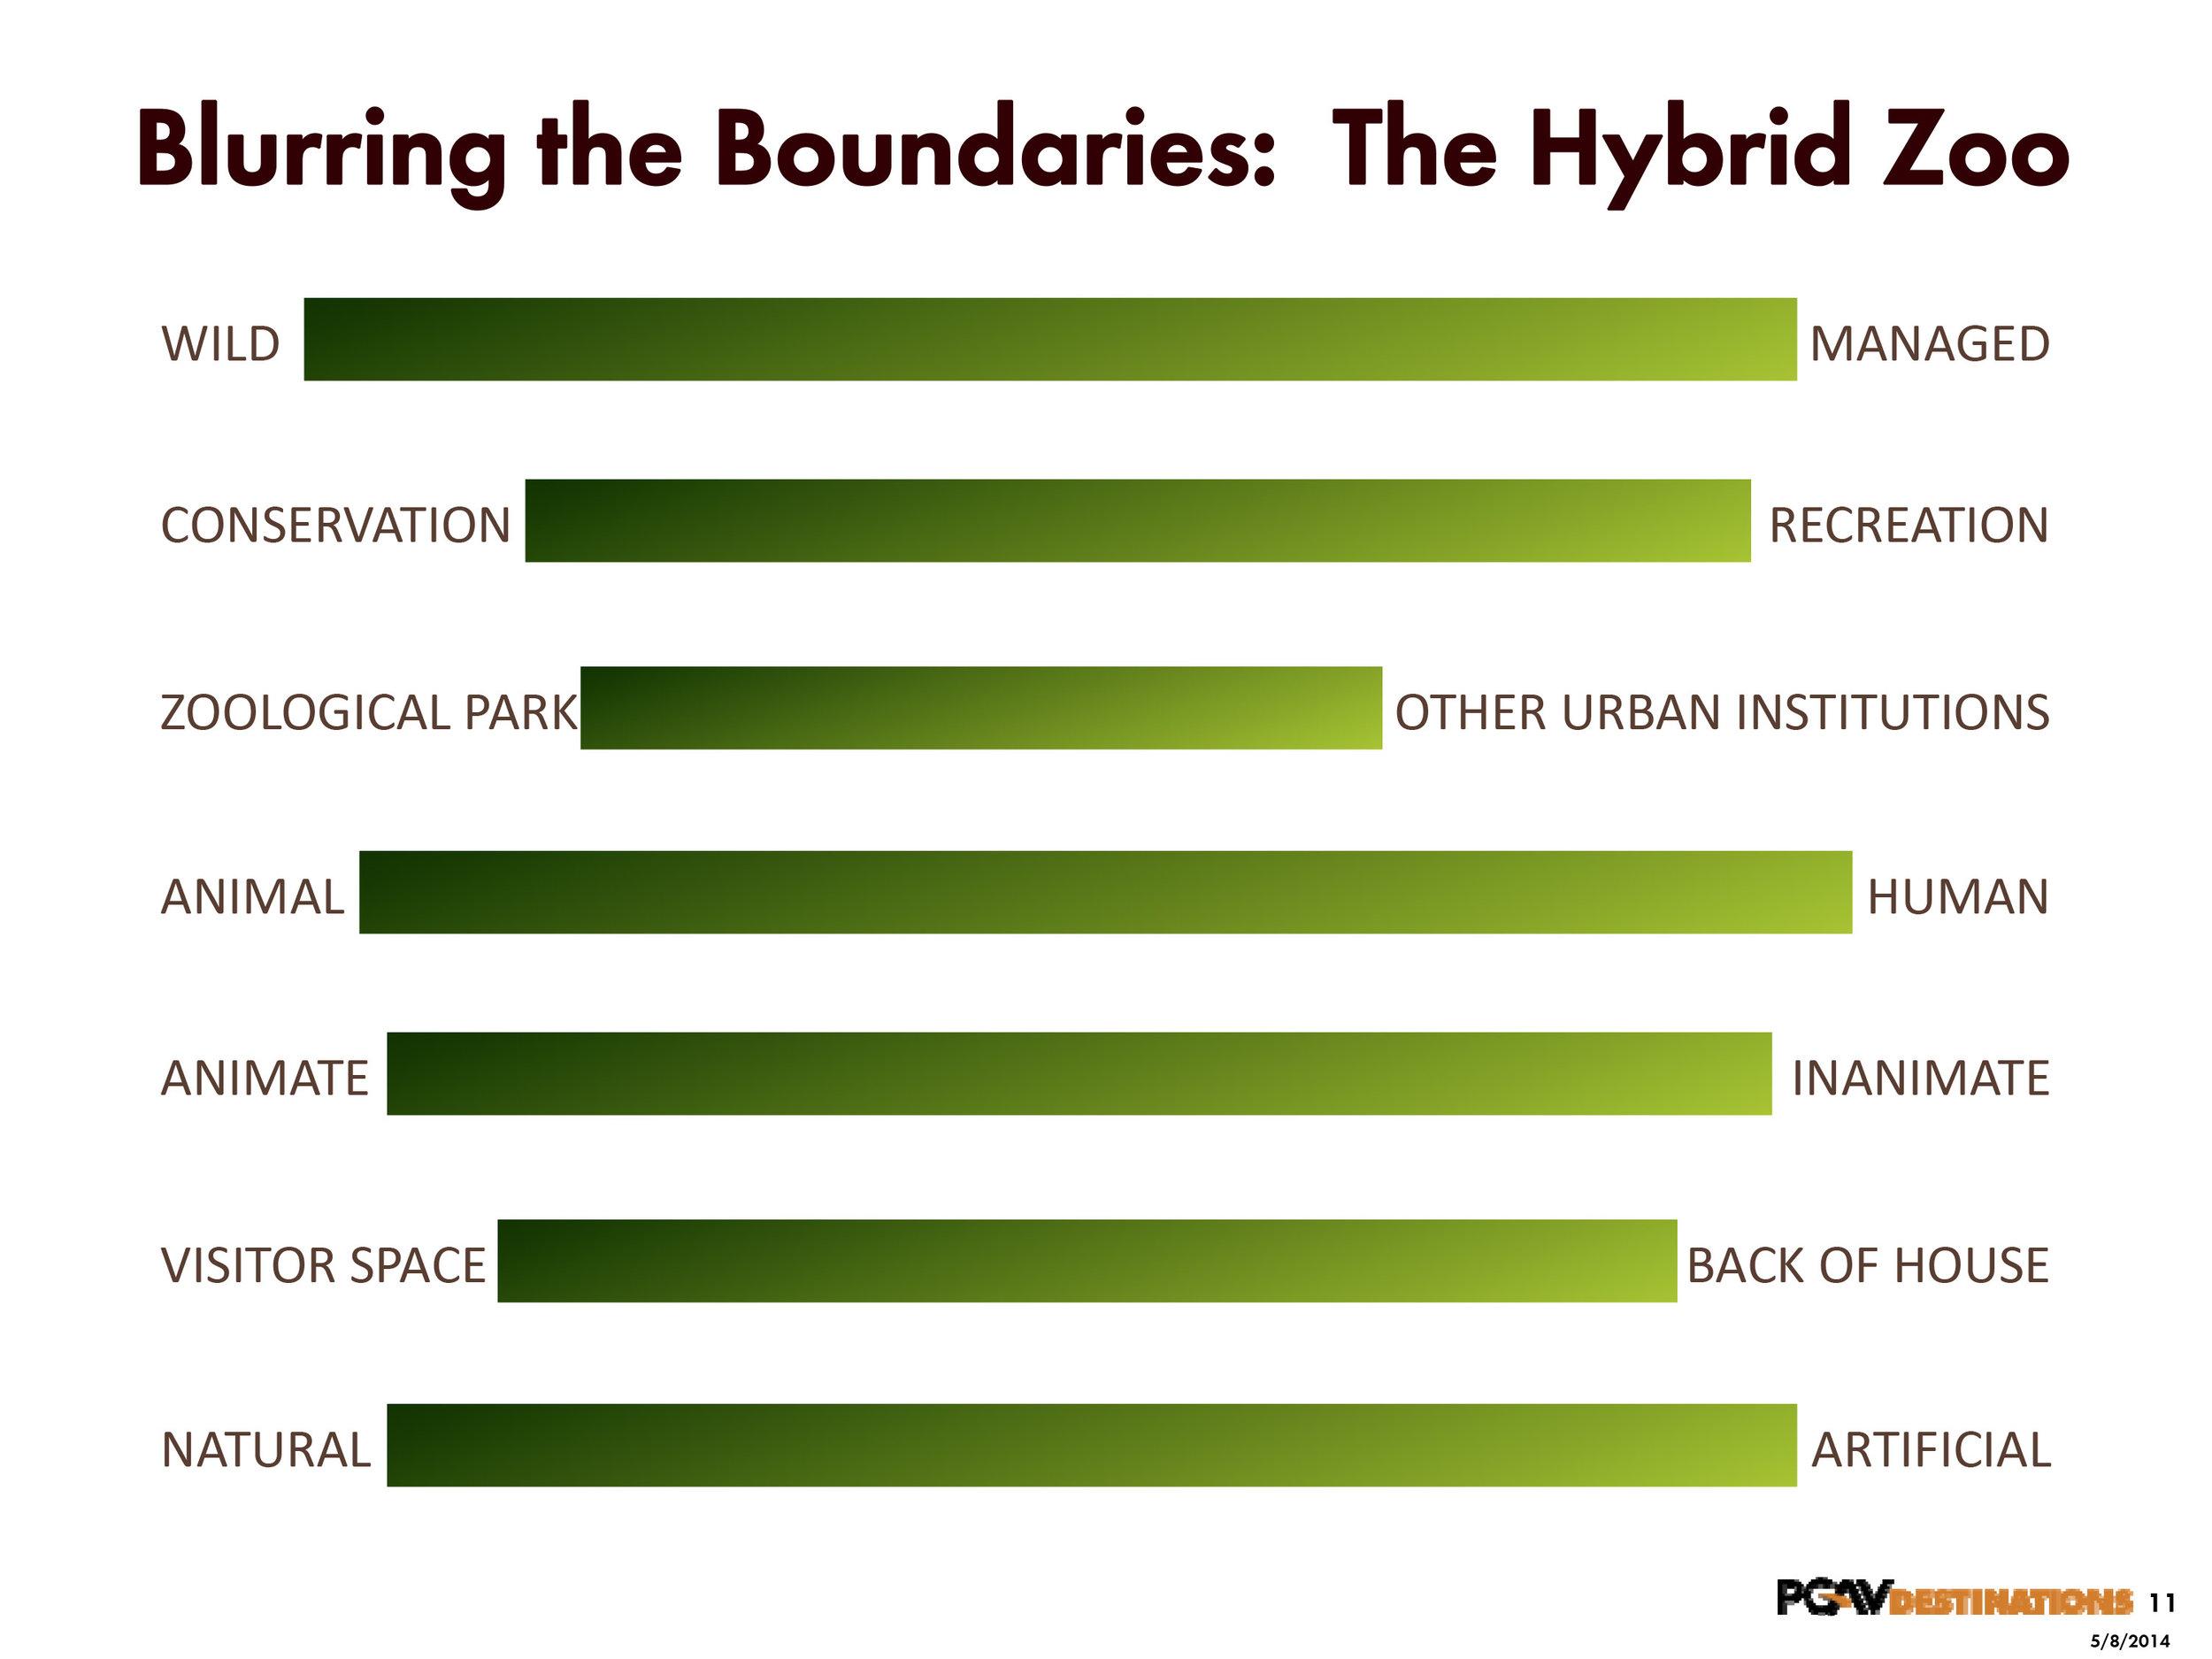 hybrid-zoo-image.jpg